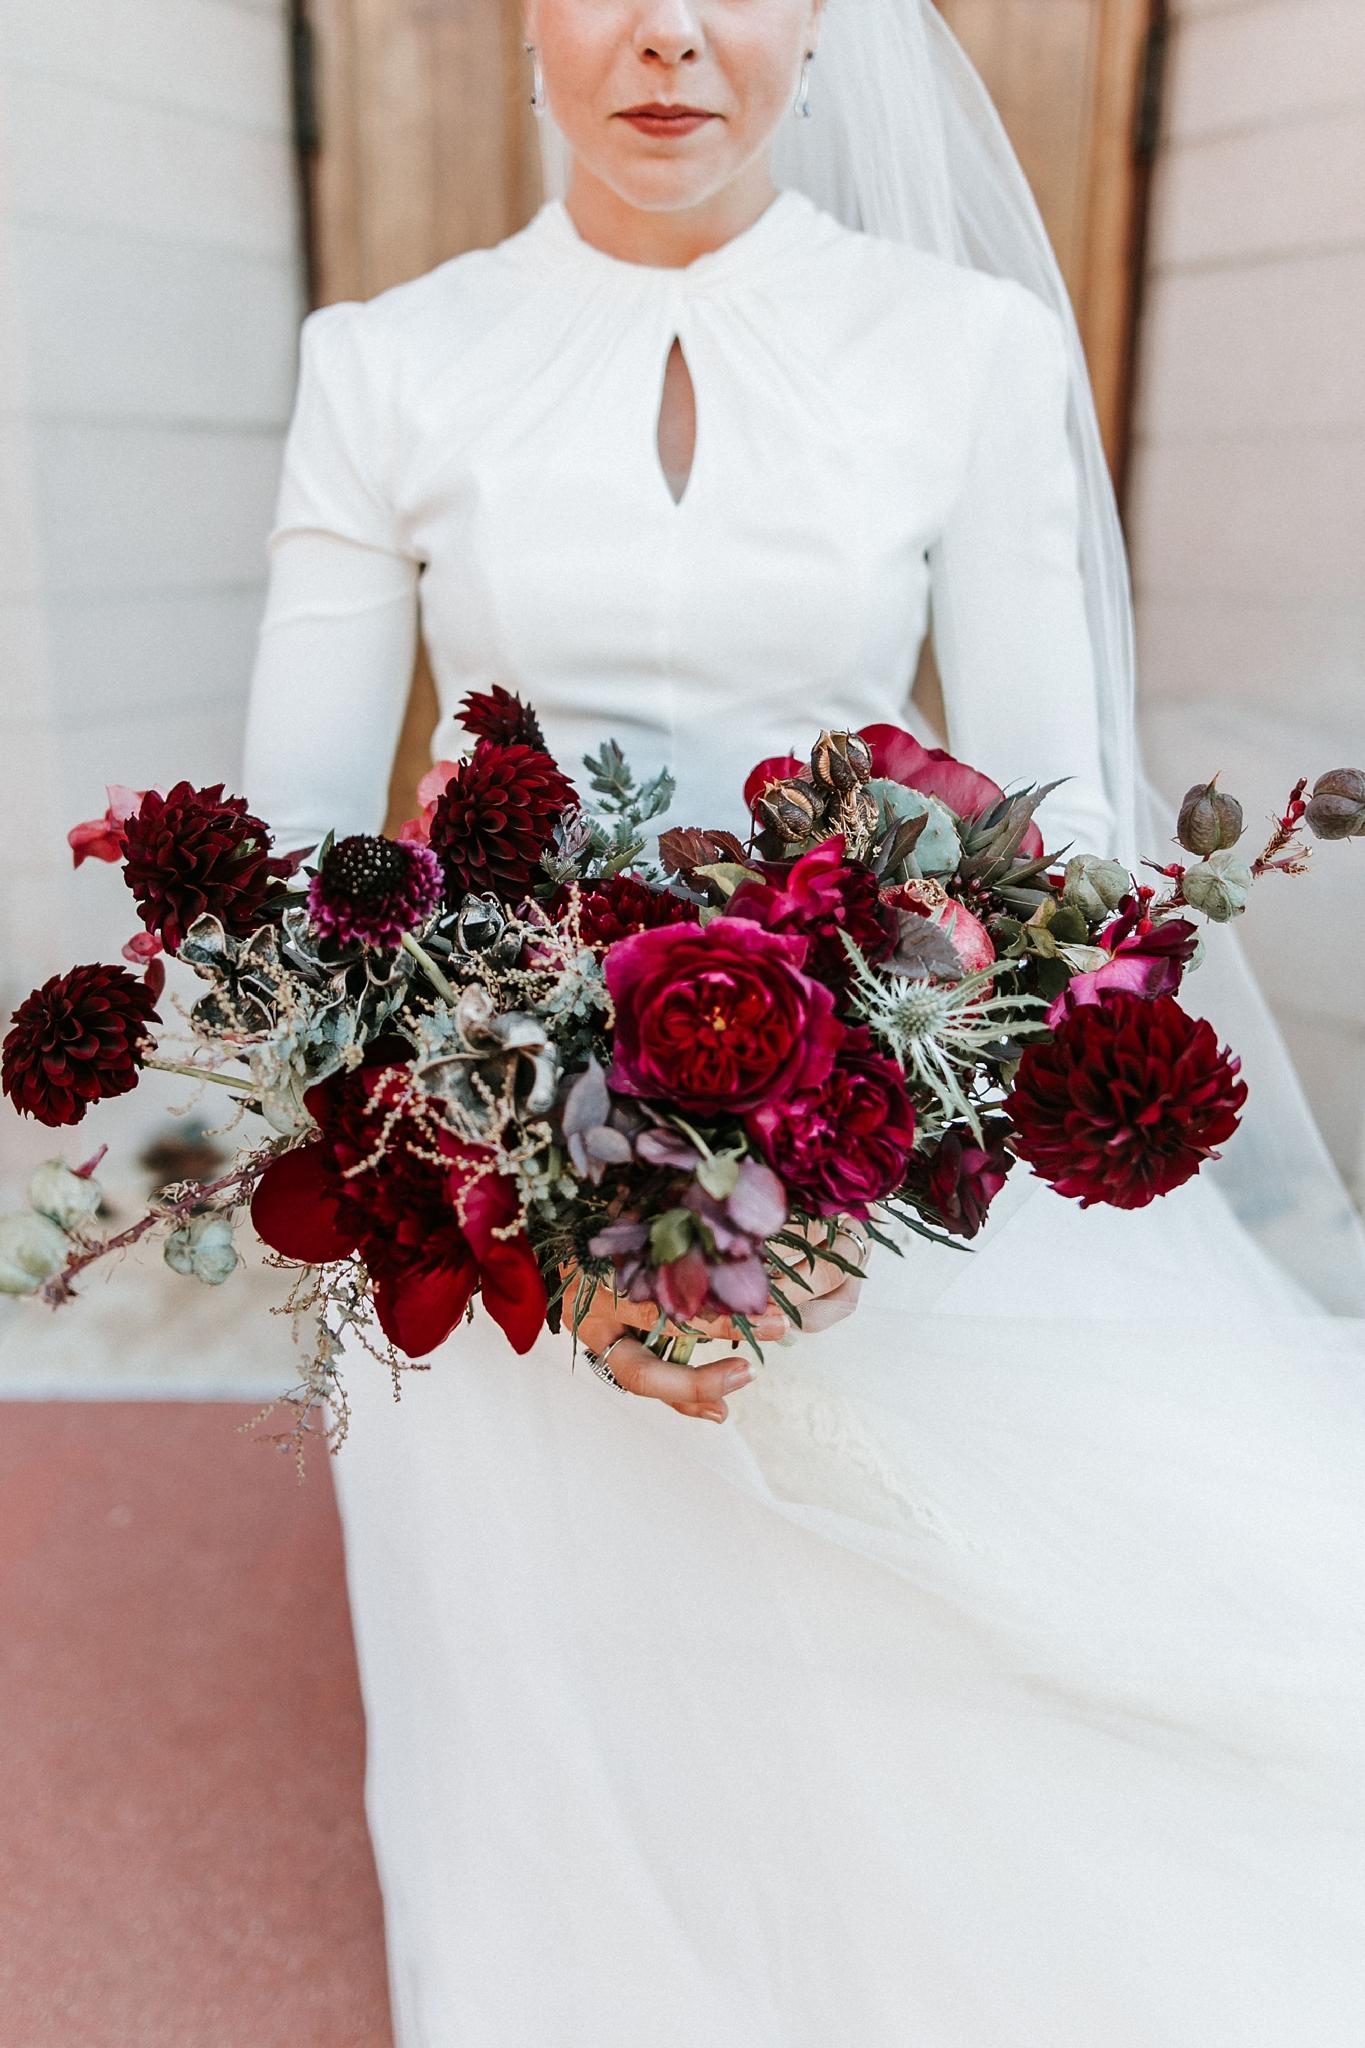 Alicia+lucia+photography+-+albuquerque+wedding+photographer+-+santa+fe+wedding+photography+-+new+mexico+wedding+photographer+-+new+mexico+wedding+-+wedding+photographer+-+wedding+photographer+team_0082.jpg